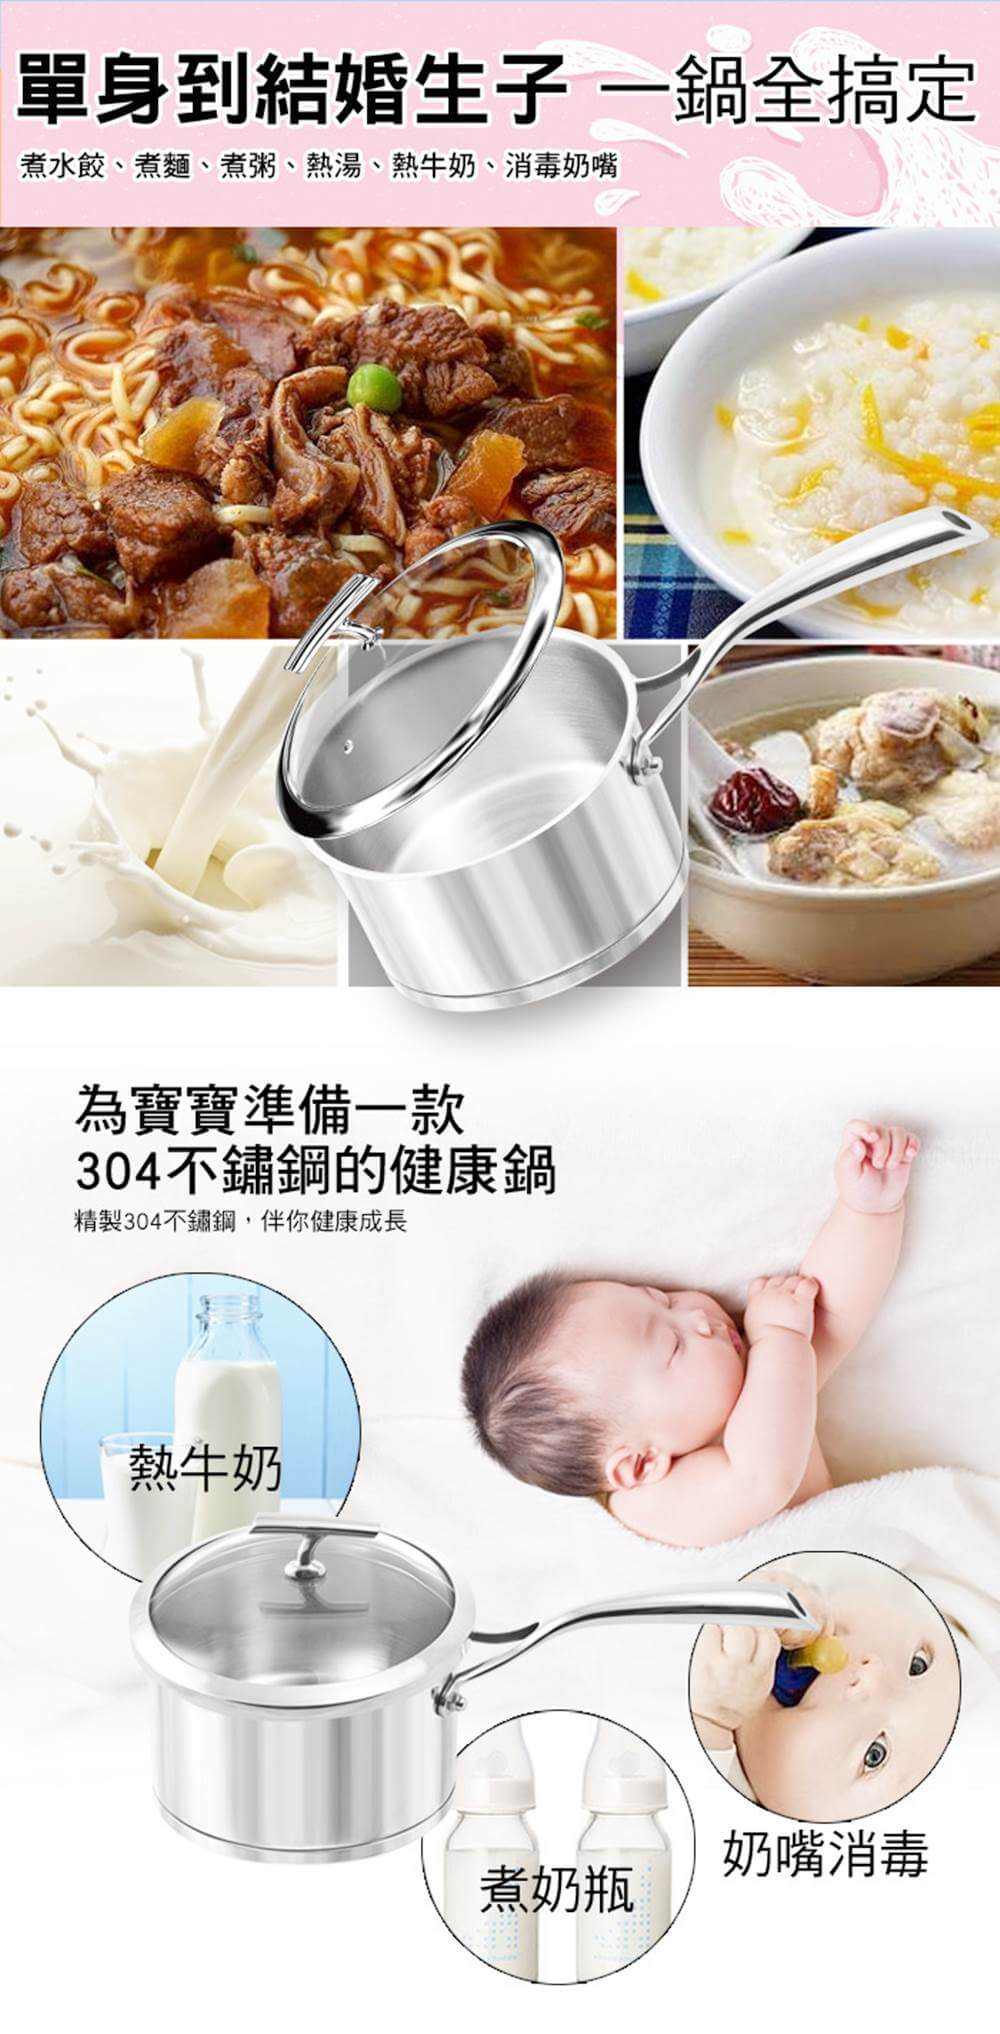 蔥媽媽 304湯奶鍋 單身 結婚生子 一鍋搞定